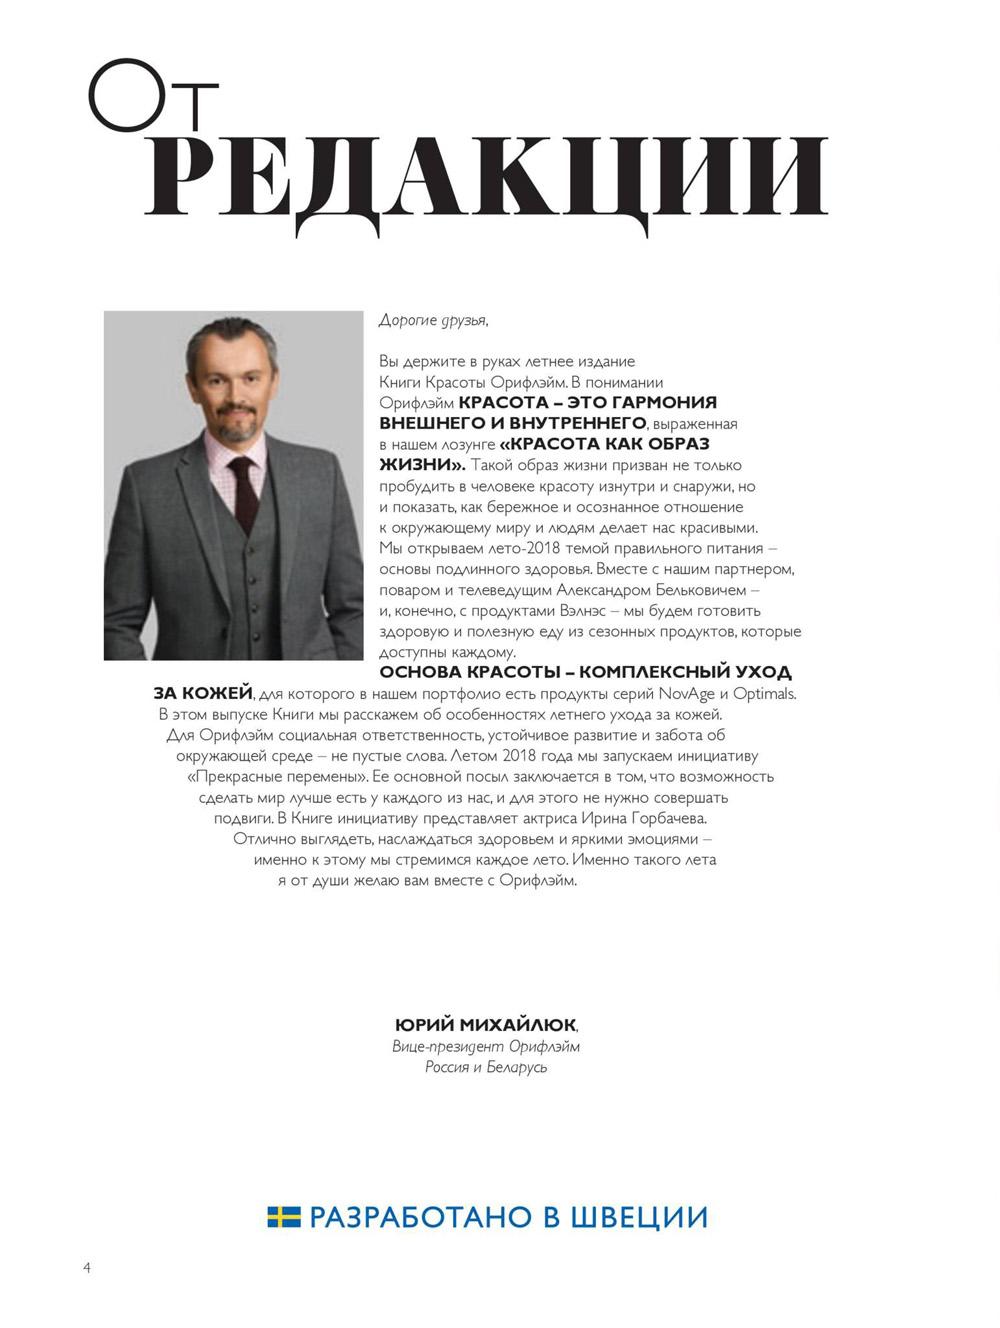 Старица 4, книга красоты Орифлейм Лето 2018, Россия